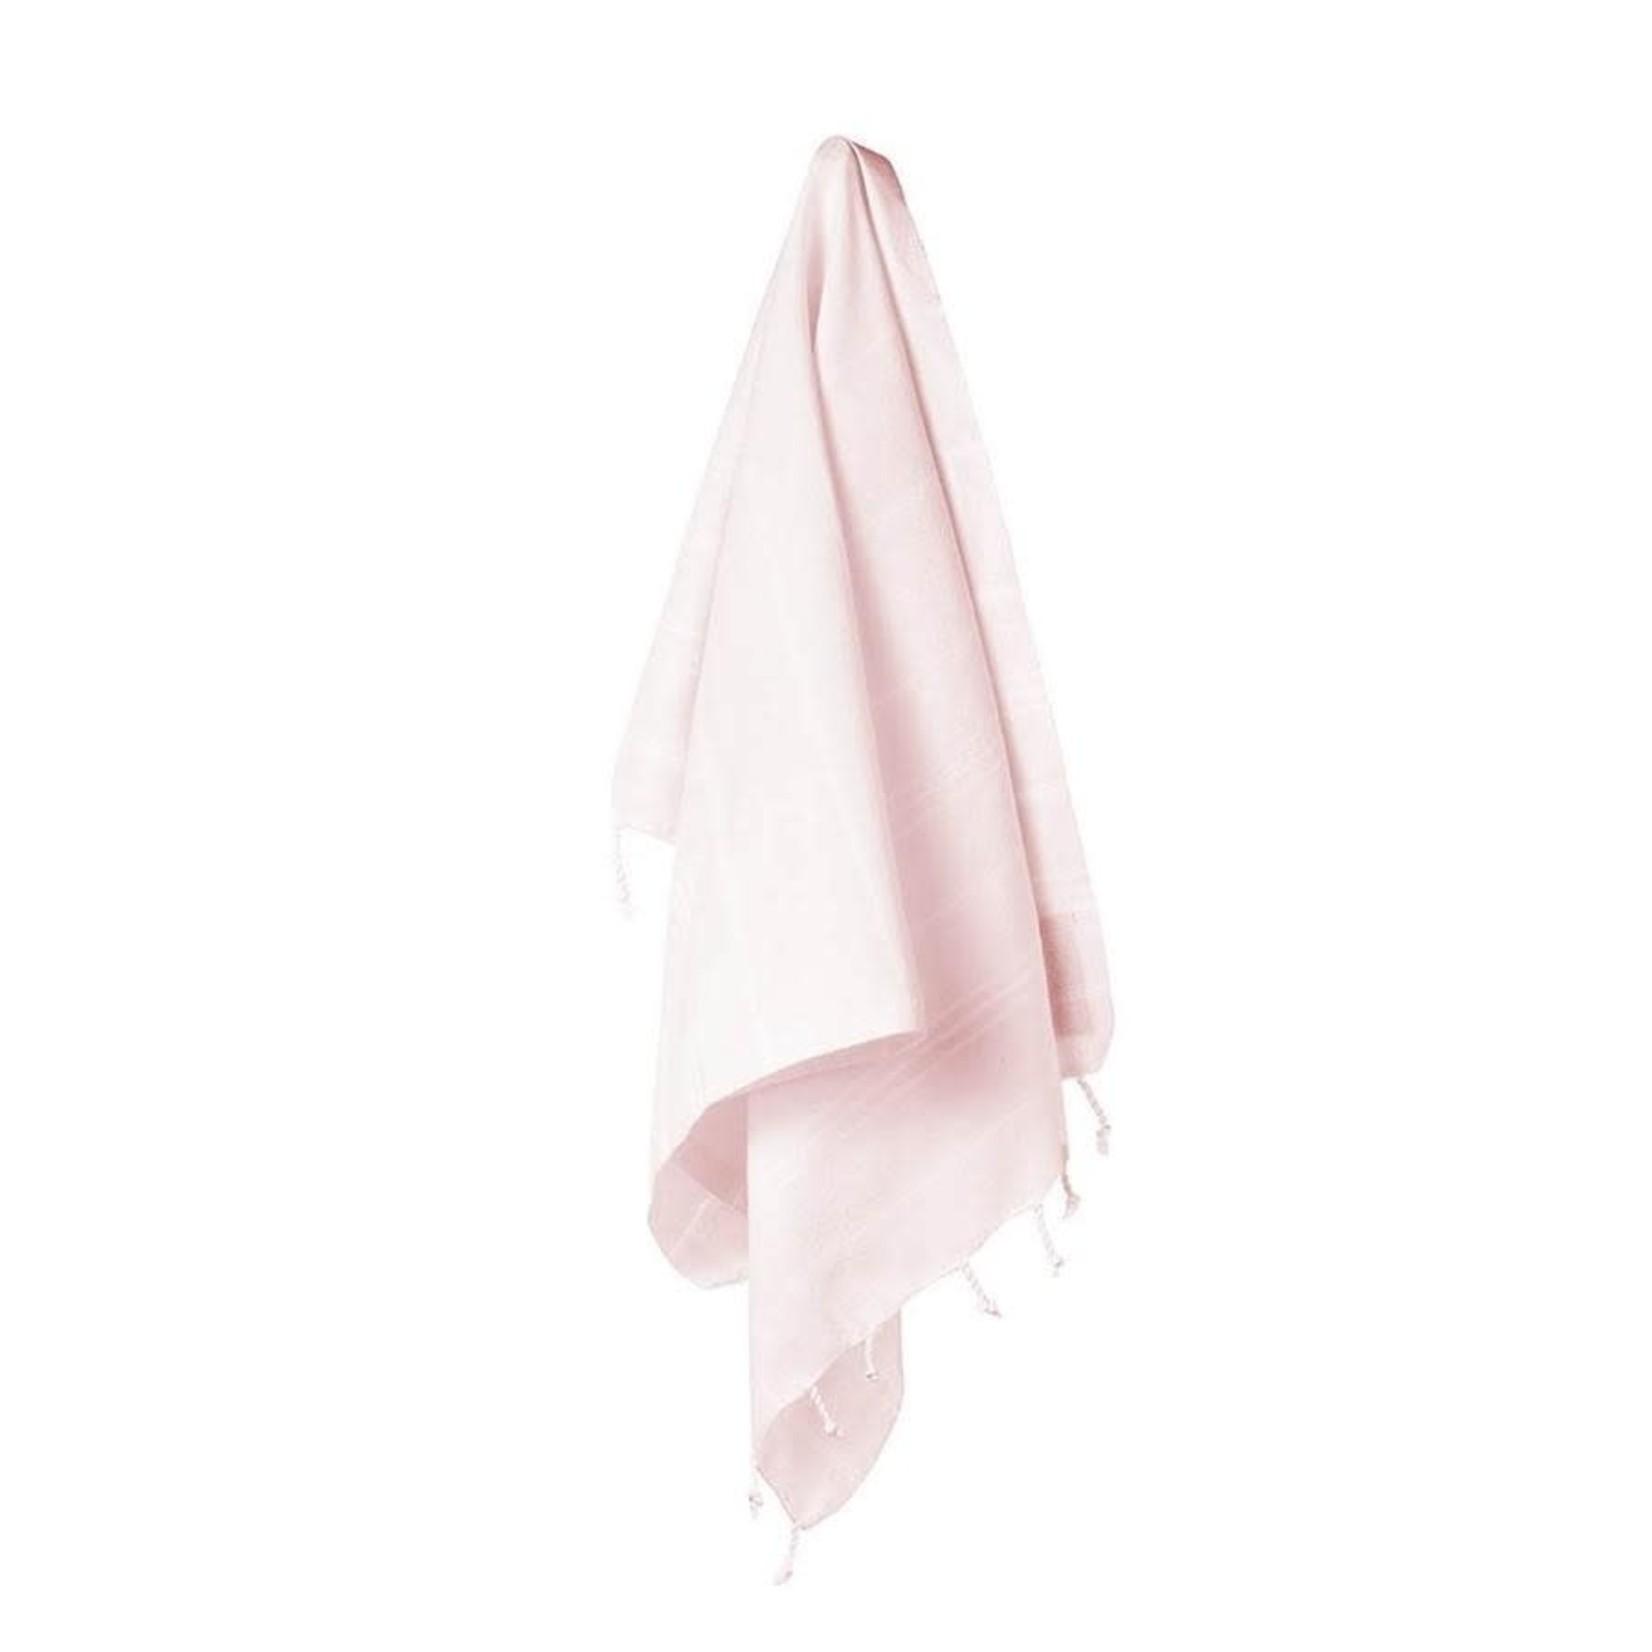 STRAY + WANDER MARIN SMALL TOWEL - POWDER PINK